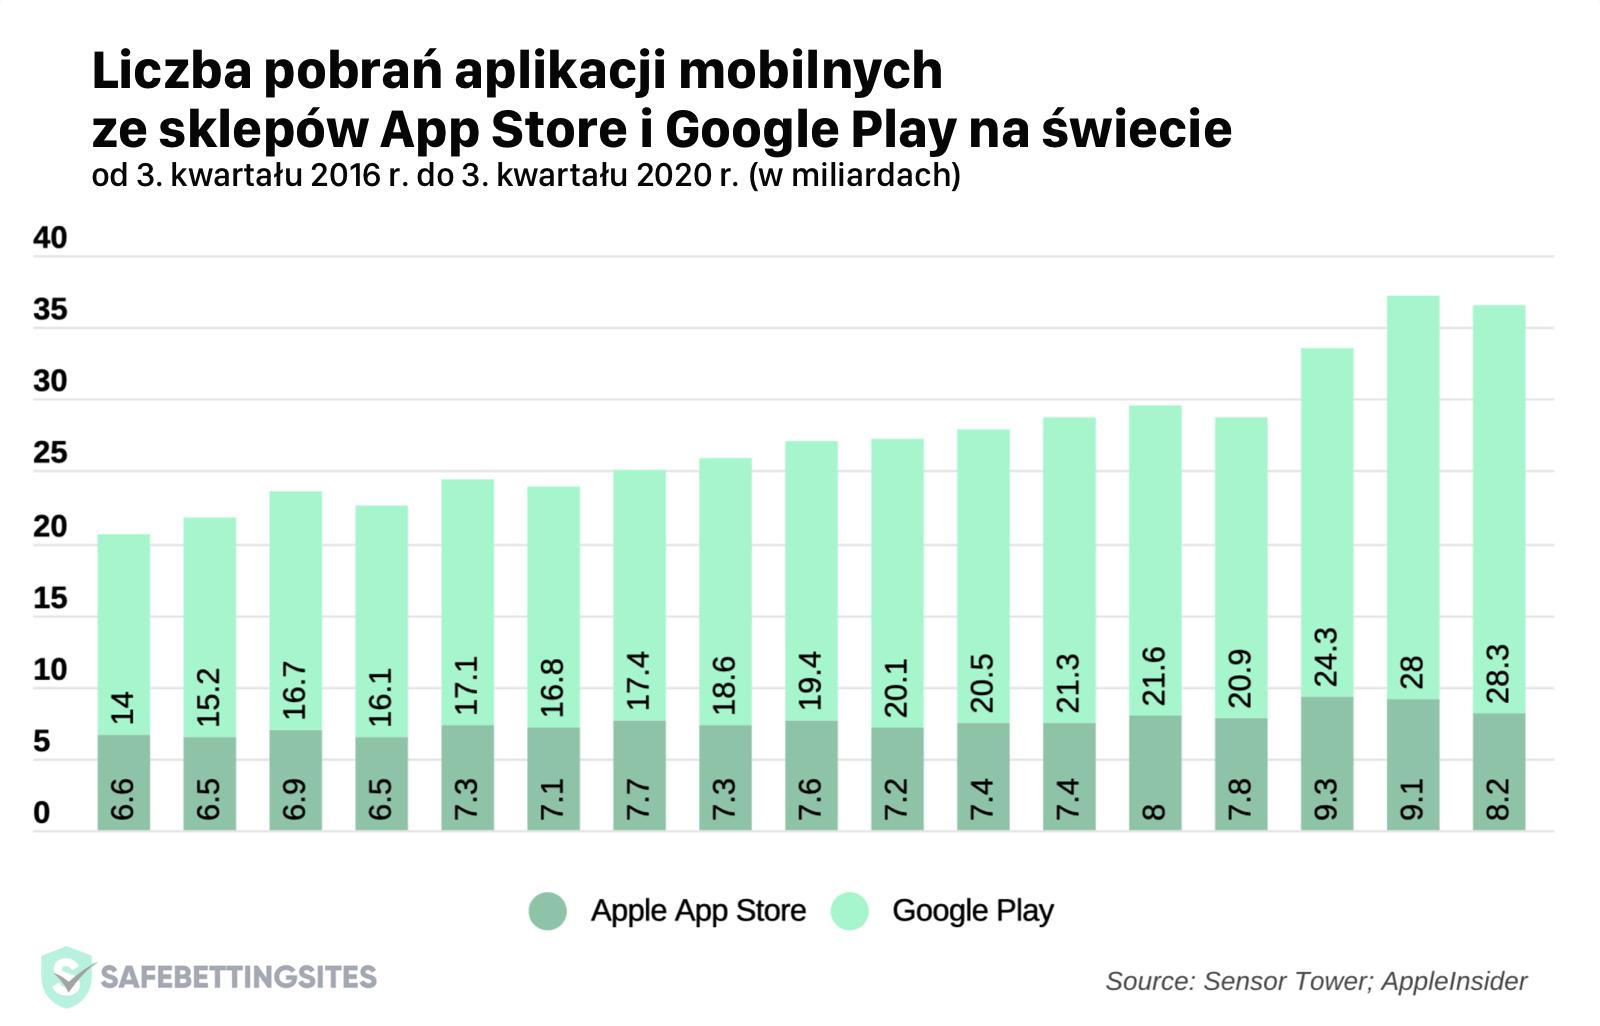 Liczba pobrań aplikacji mobilnych ze sklepów App Store i Google Play na świecie od 3Q 2016 r. do 3Q 2020 r. (w mld)